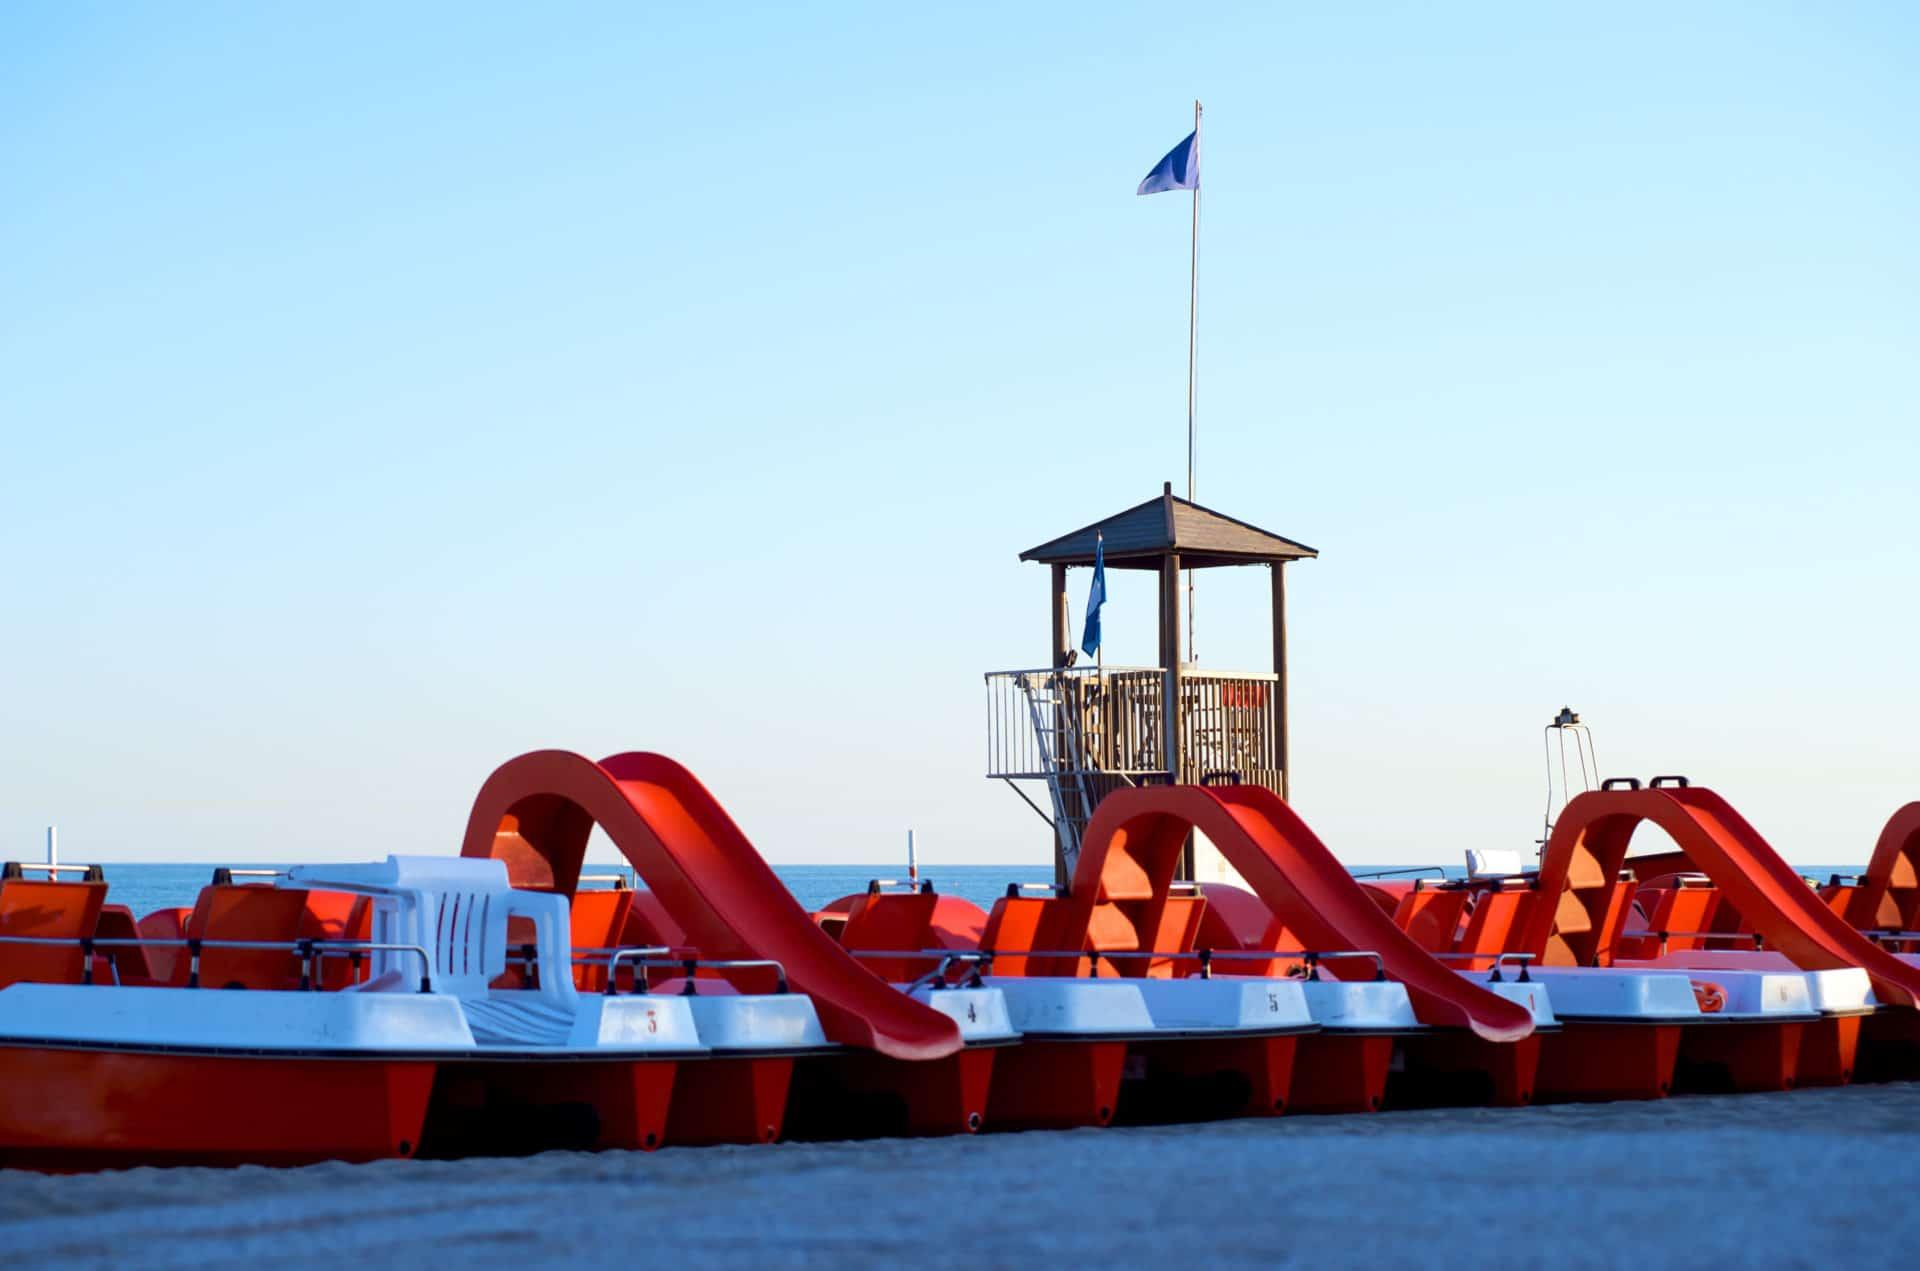 Campeggi a Venezia Europa Village Camping, il mare